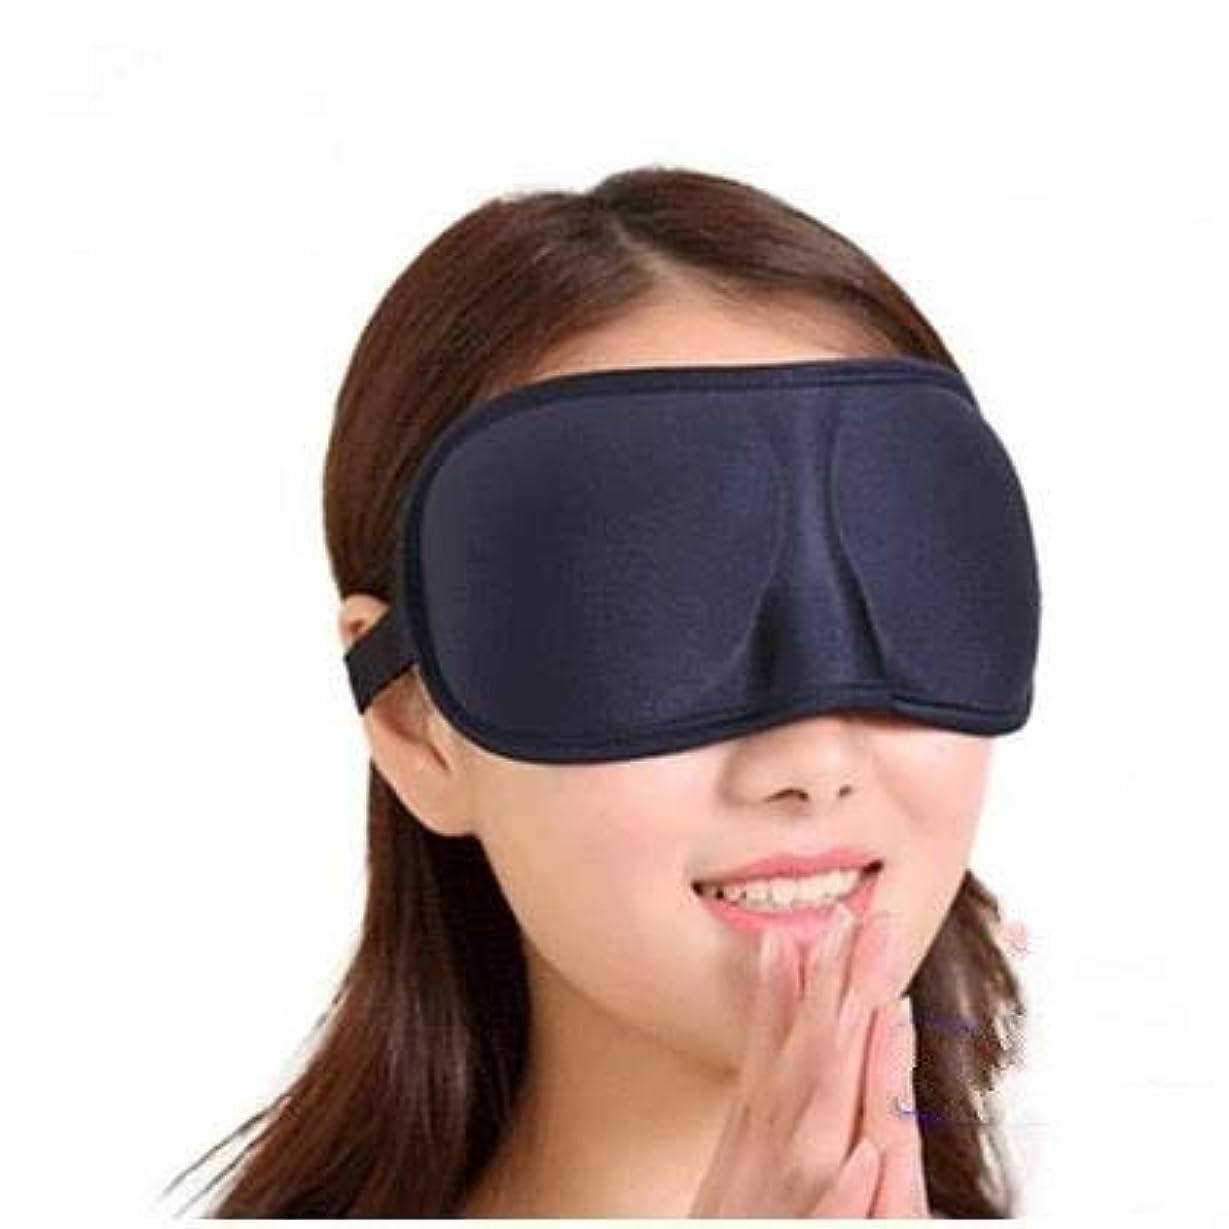 ホーンブッシュ不屈3 D超柔らかい通気性の布アイシェード睡眠アイマスク携帯用旅行睡眠休息補助アイマスクカバーアイパッチ睡眠マスク